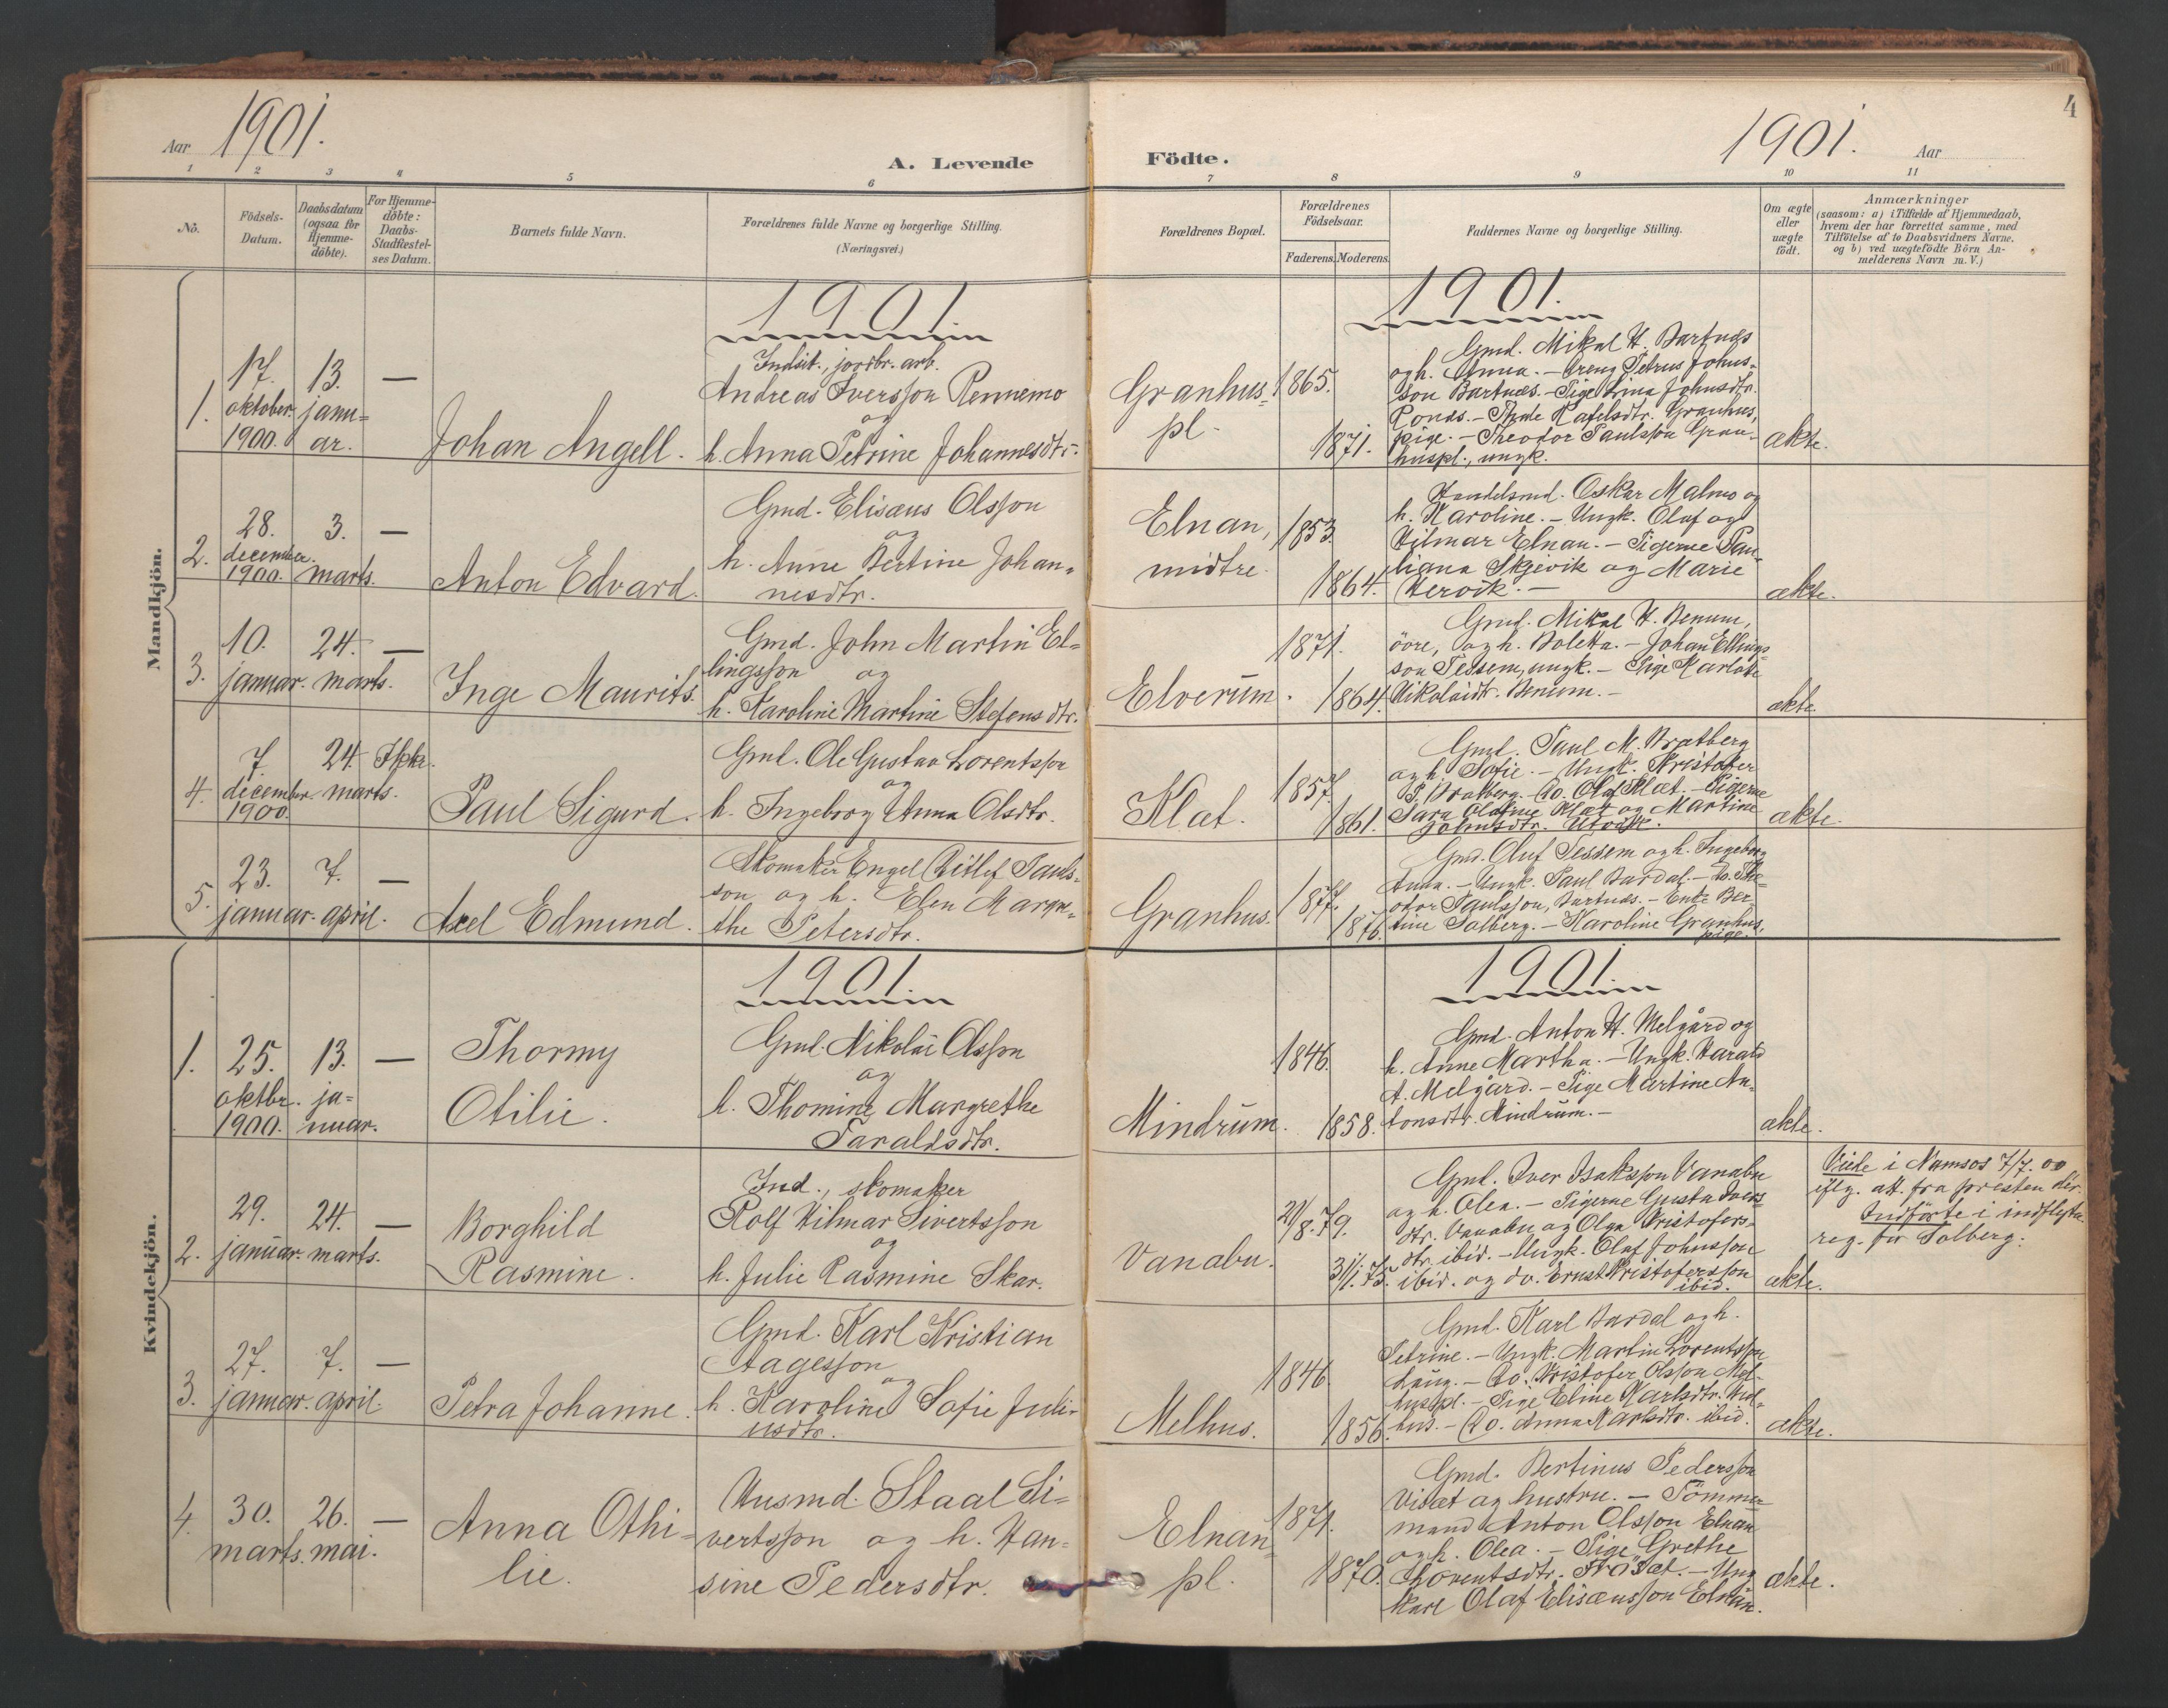 SAT, Ministerialprotokoller, klokkerbøker og fødselsregistre - Nord-Trøndelag, 741/L0397: Ministerialbok nr. 741A11, 1901-1911, s. 4